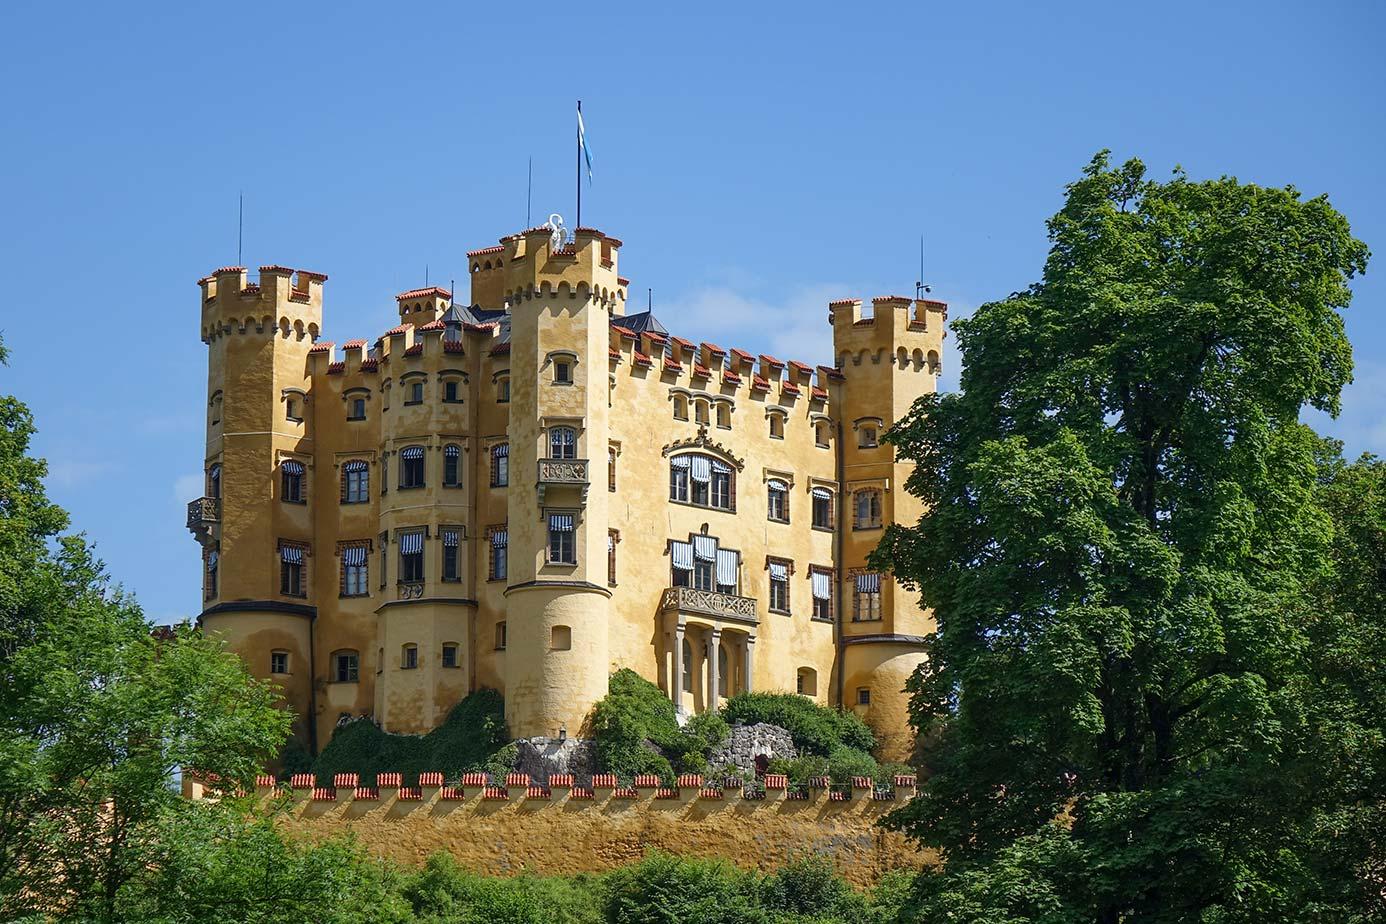 Schloss Hohenschwangau versprüht schon fast mediterrane Stimmung am See